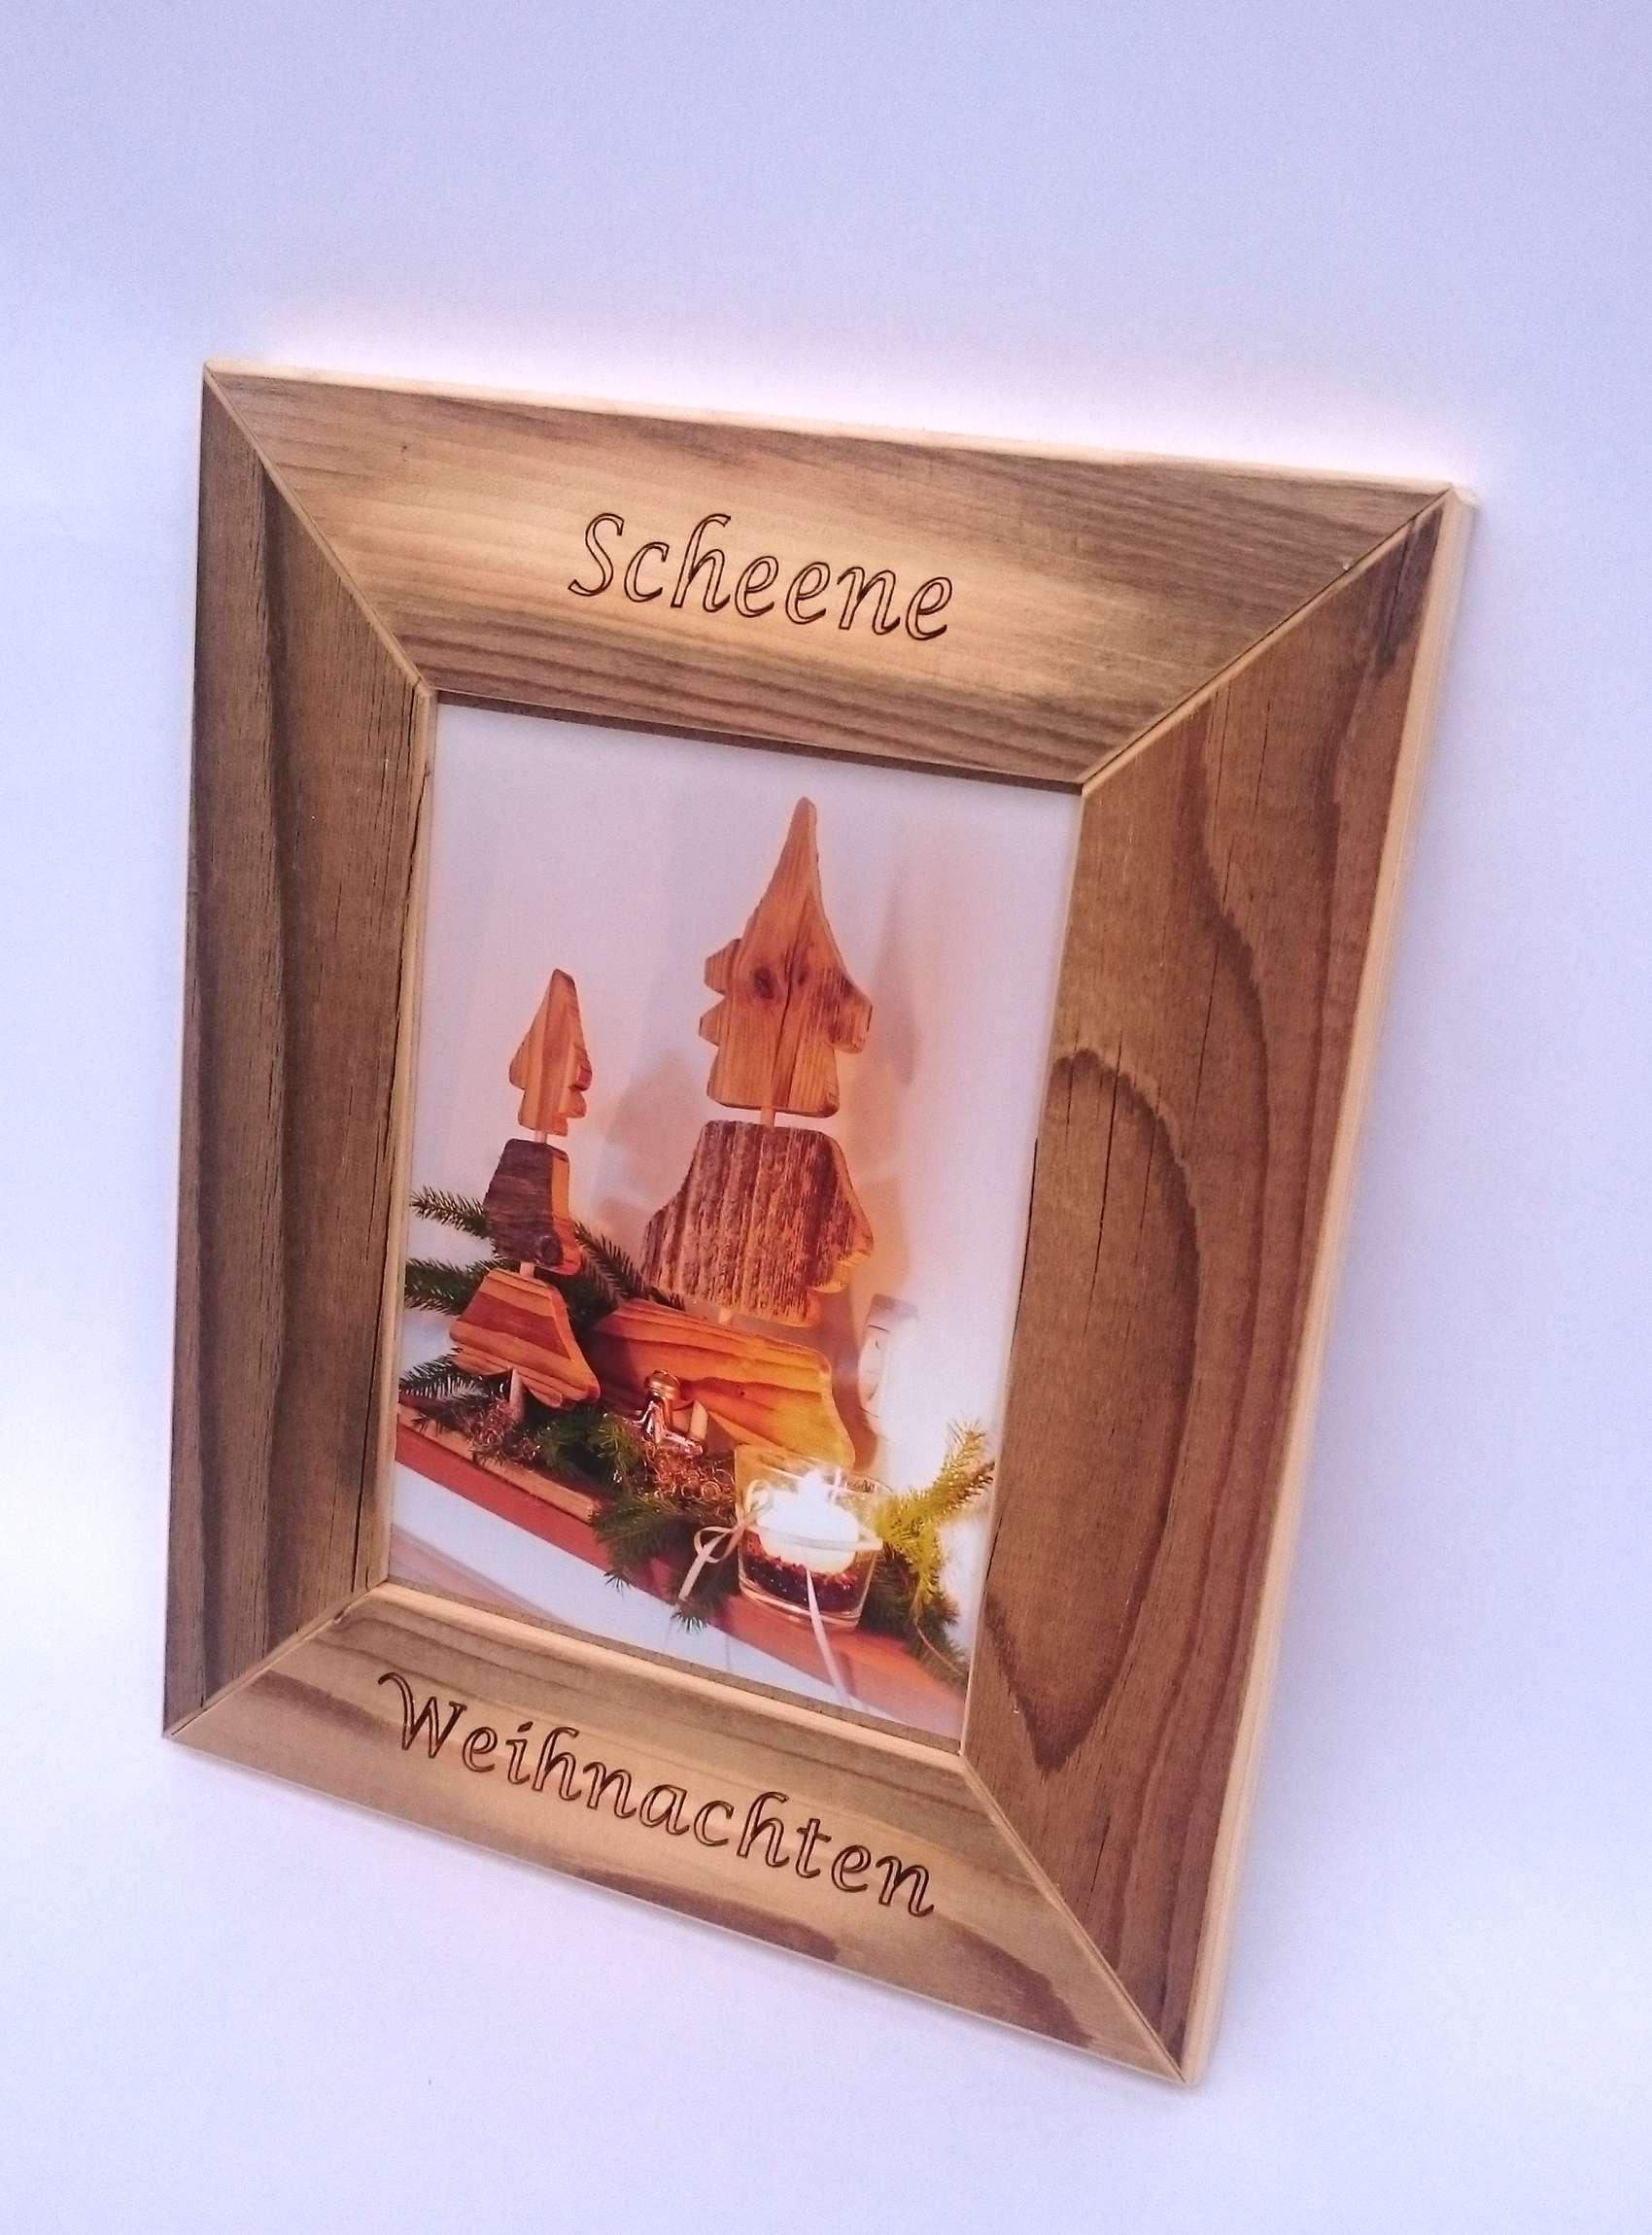 Individuelle Holz-Bilderrahmen von Altholz-Unendlich